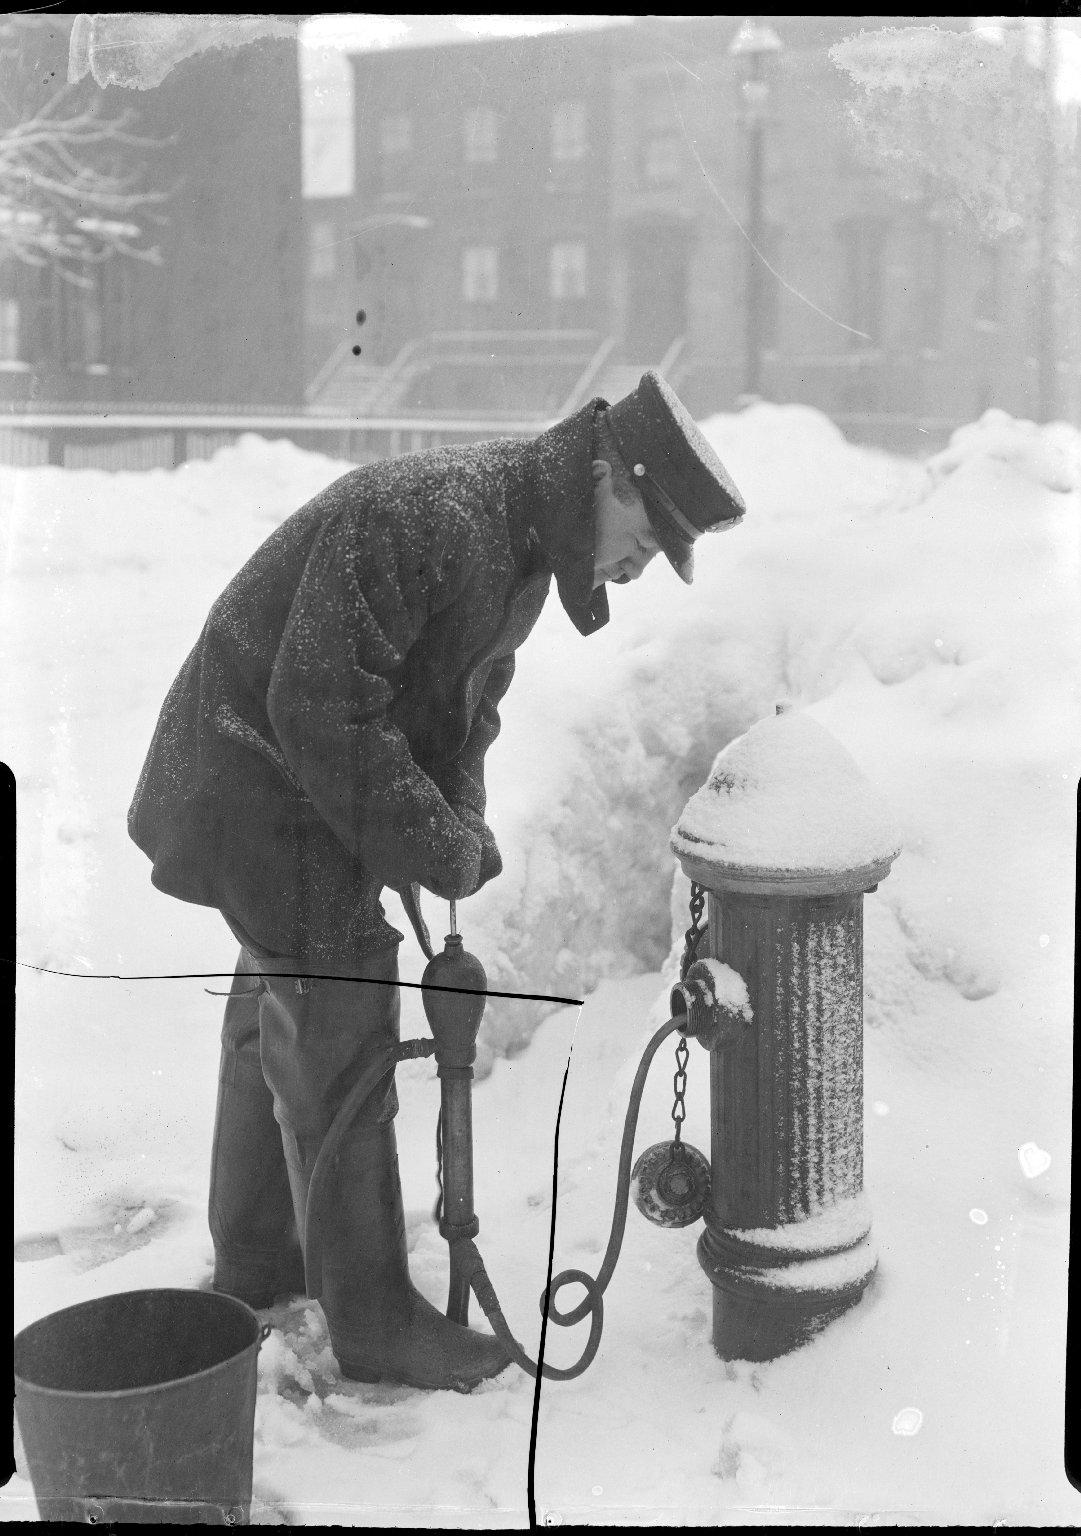 Пожарный качает воду из замерзшего пожарного гидранта. Нью-Йорк, США. 1901 год